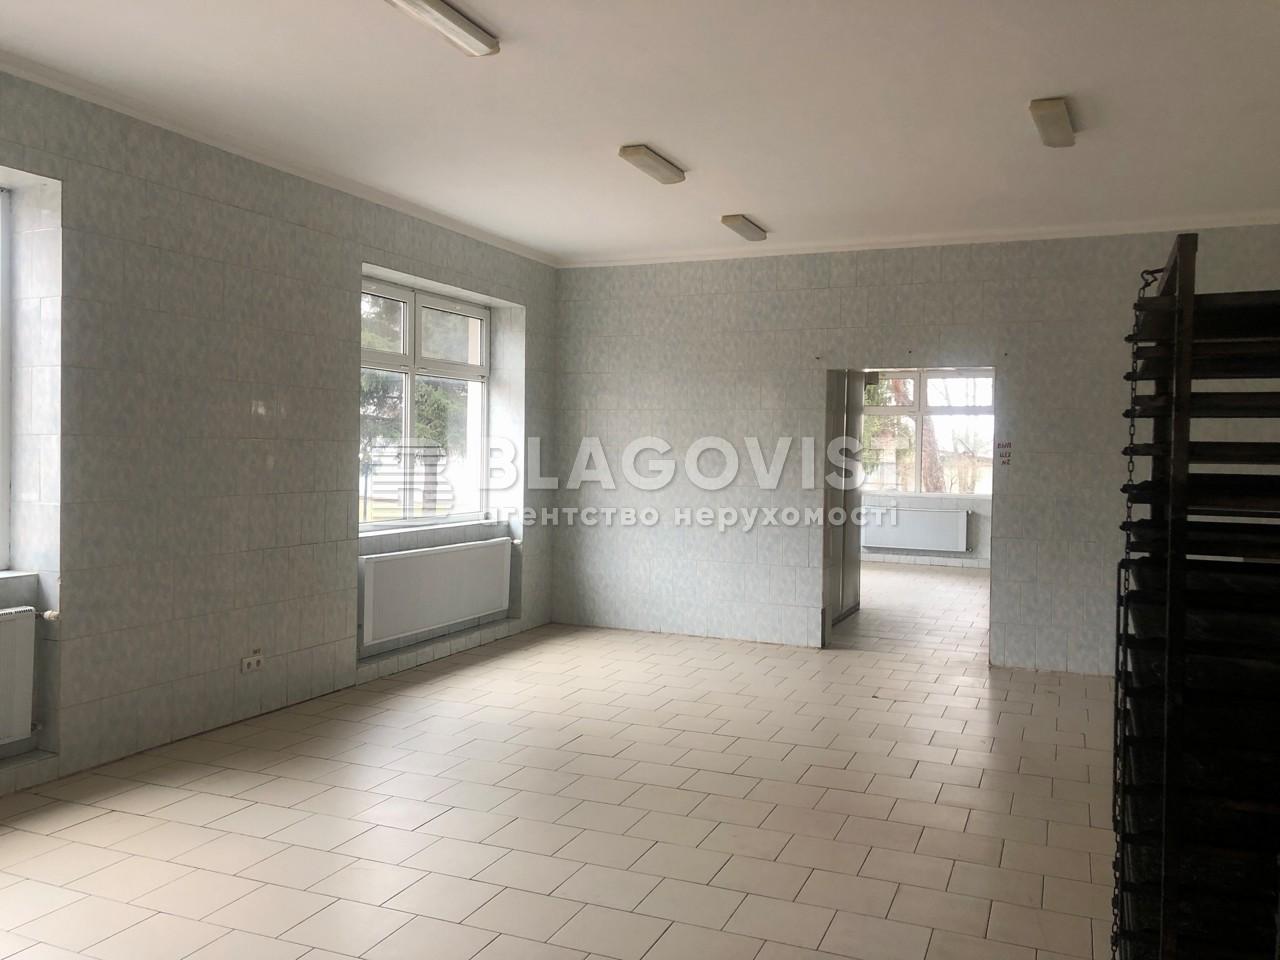 Нежилое помещение, C-107229, Центральная, Ковалин - Фото 7